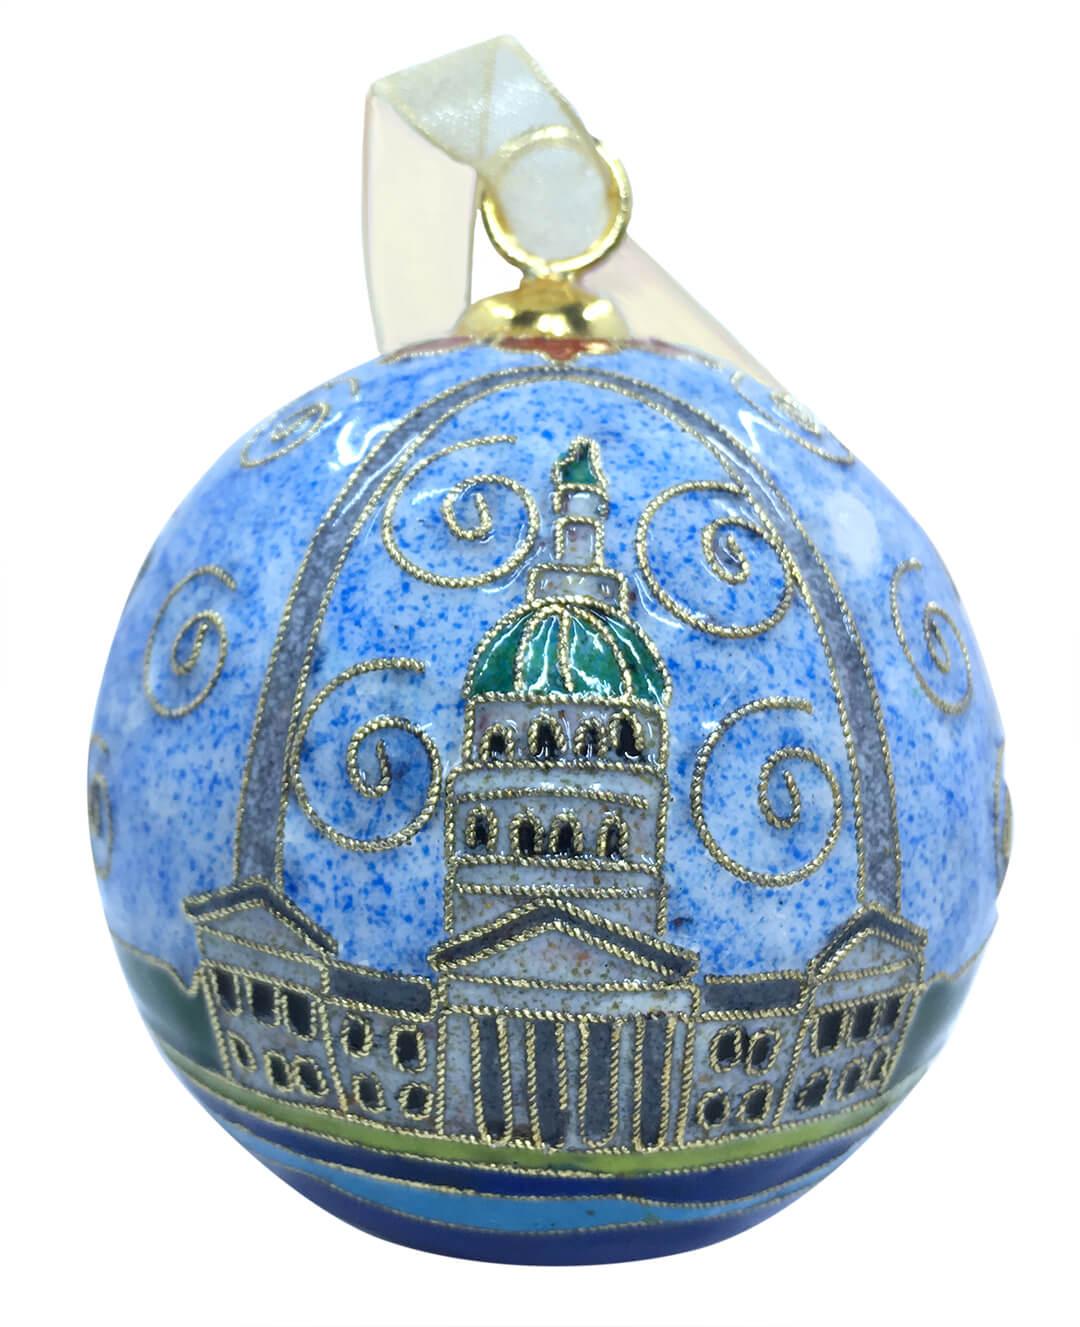 Gateway Arch Cloisonne ornament